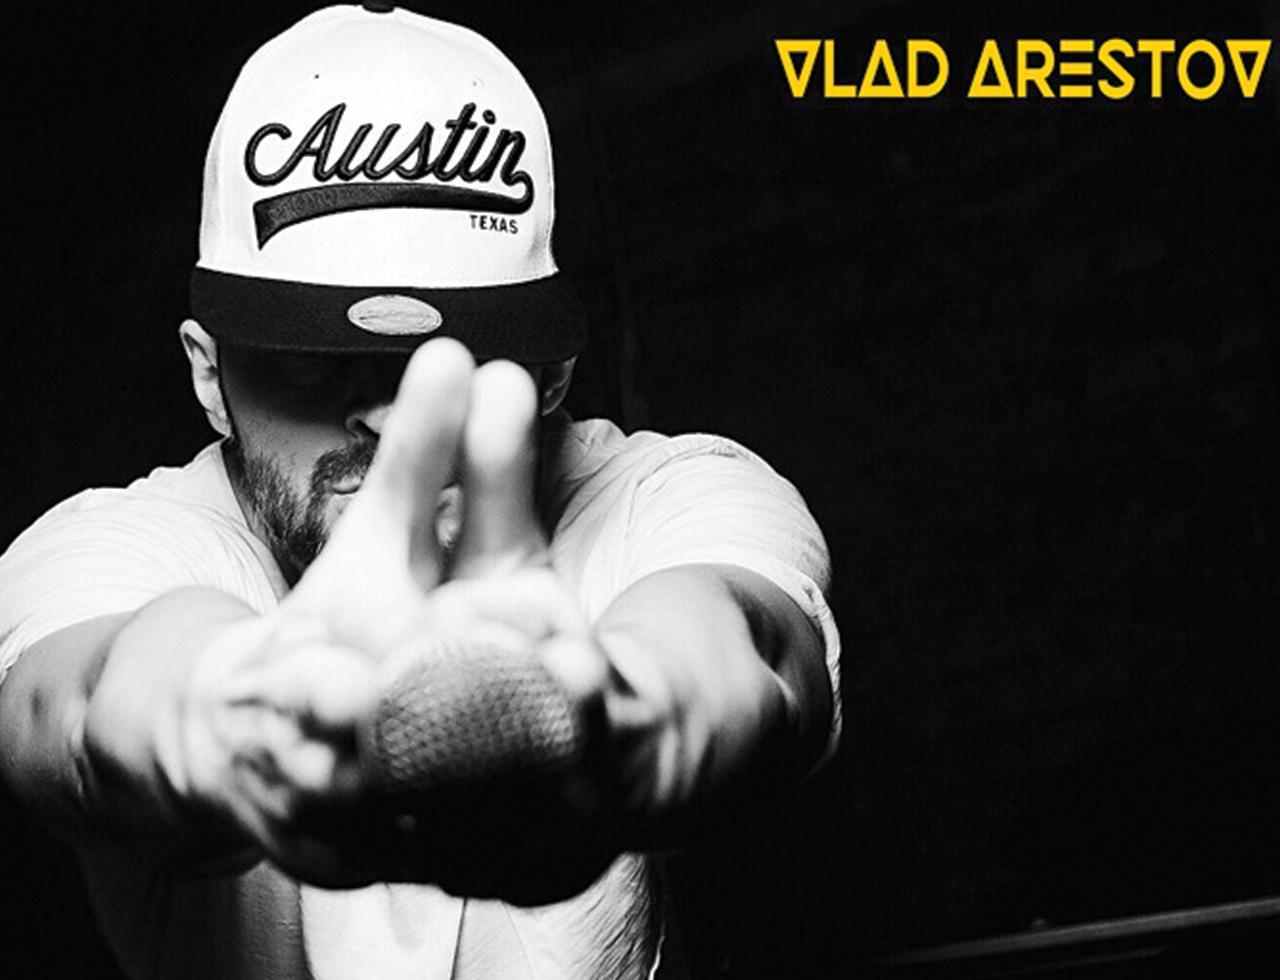 DJ Arestov